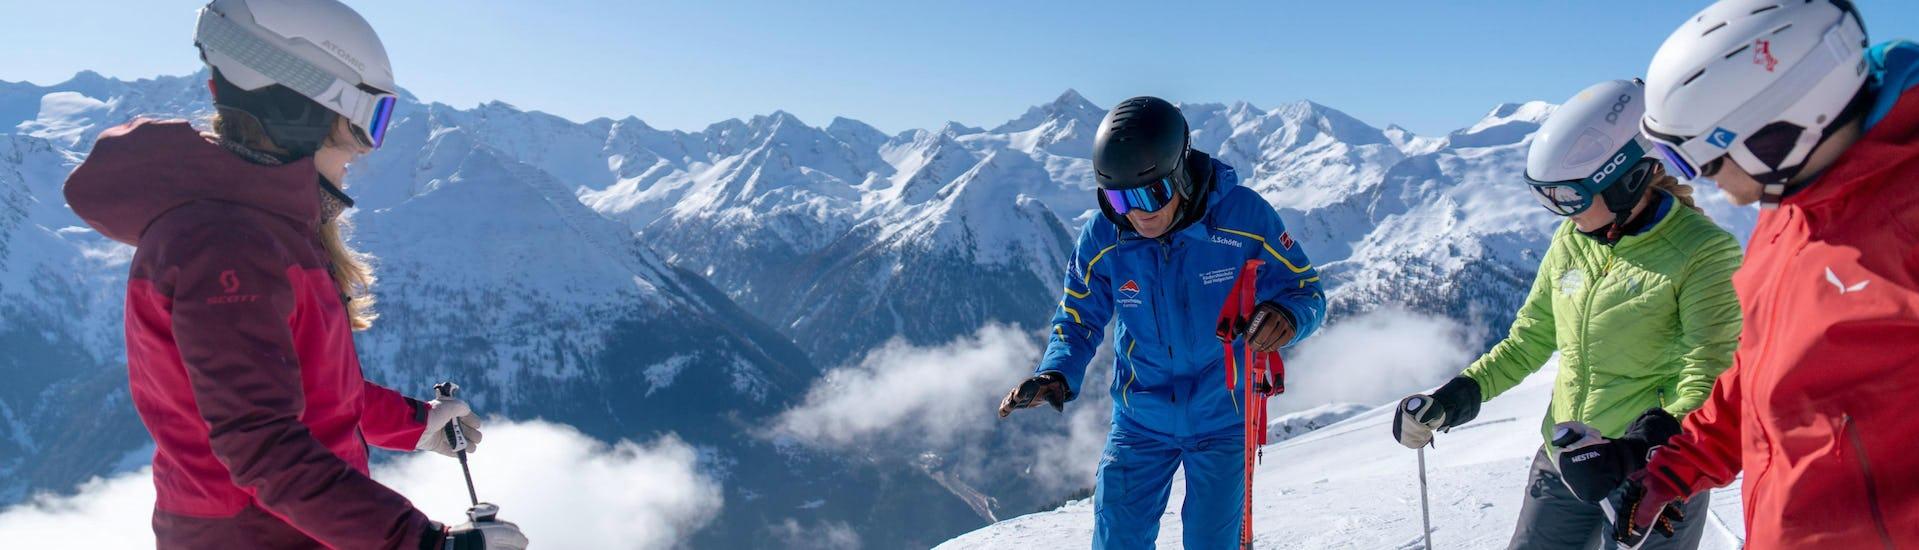 Skikurs für Jugendliche (12-17 Jahre) - Fortgeschritten